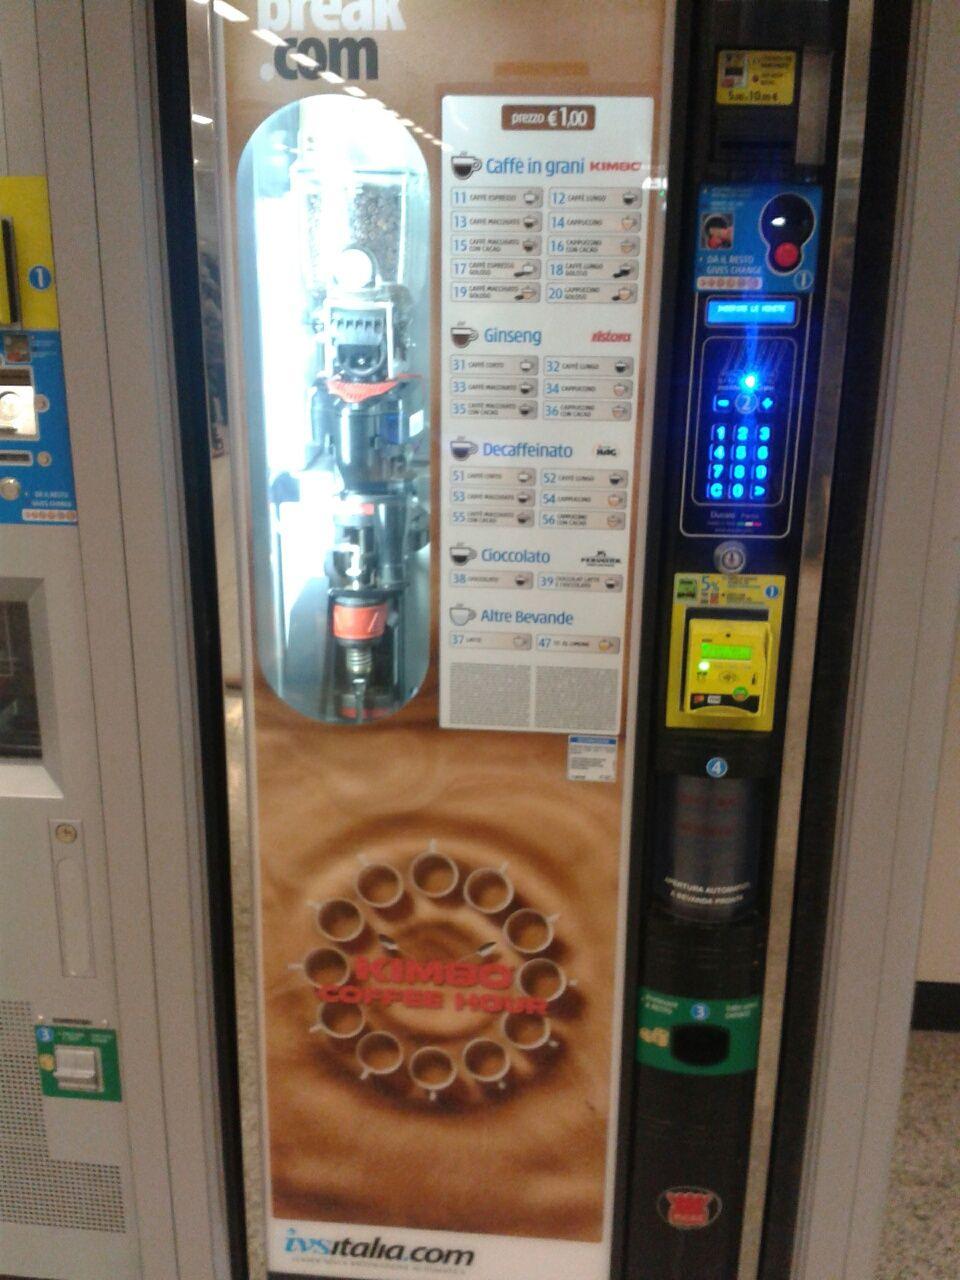 Juoma-automaatti Roomassa